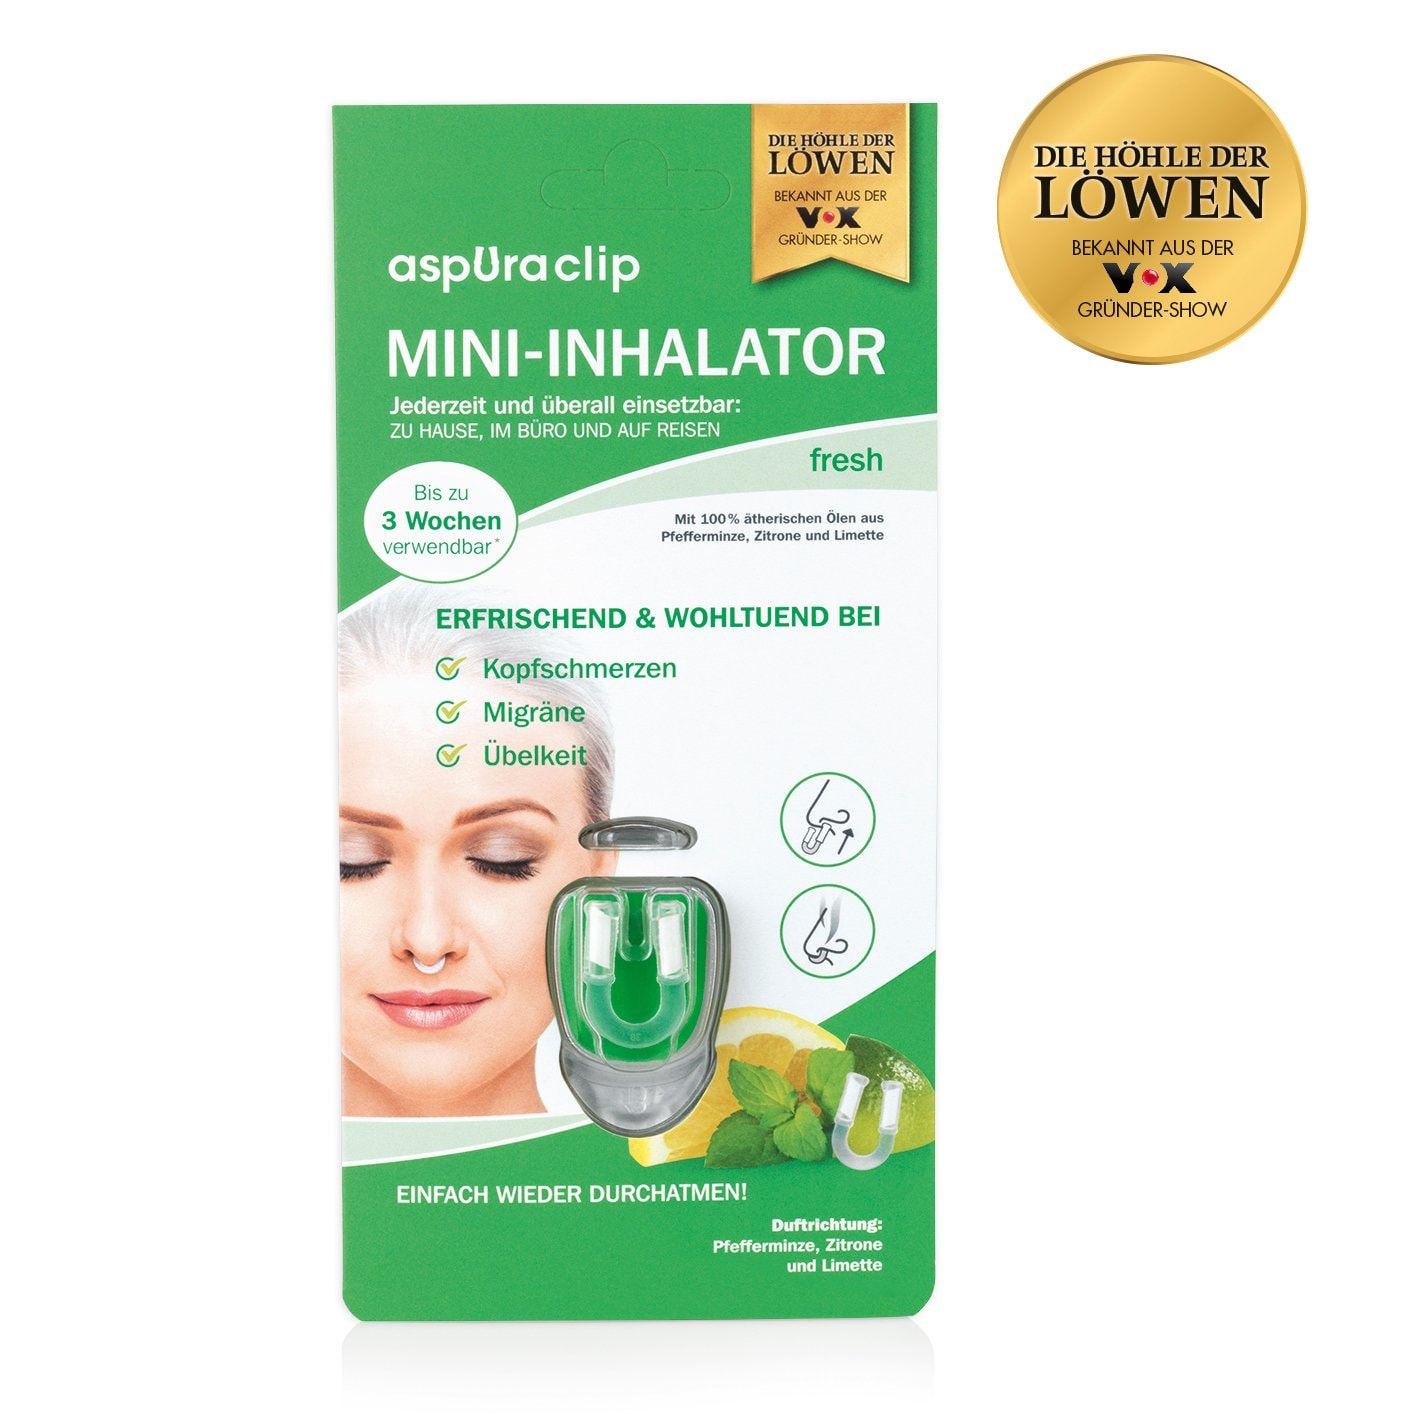 aspUraclip Mini-Inhalator 3x fresh